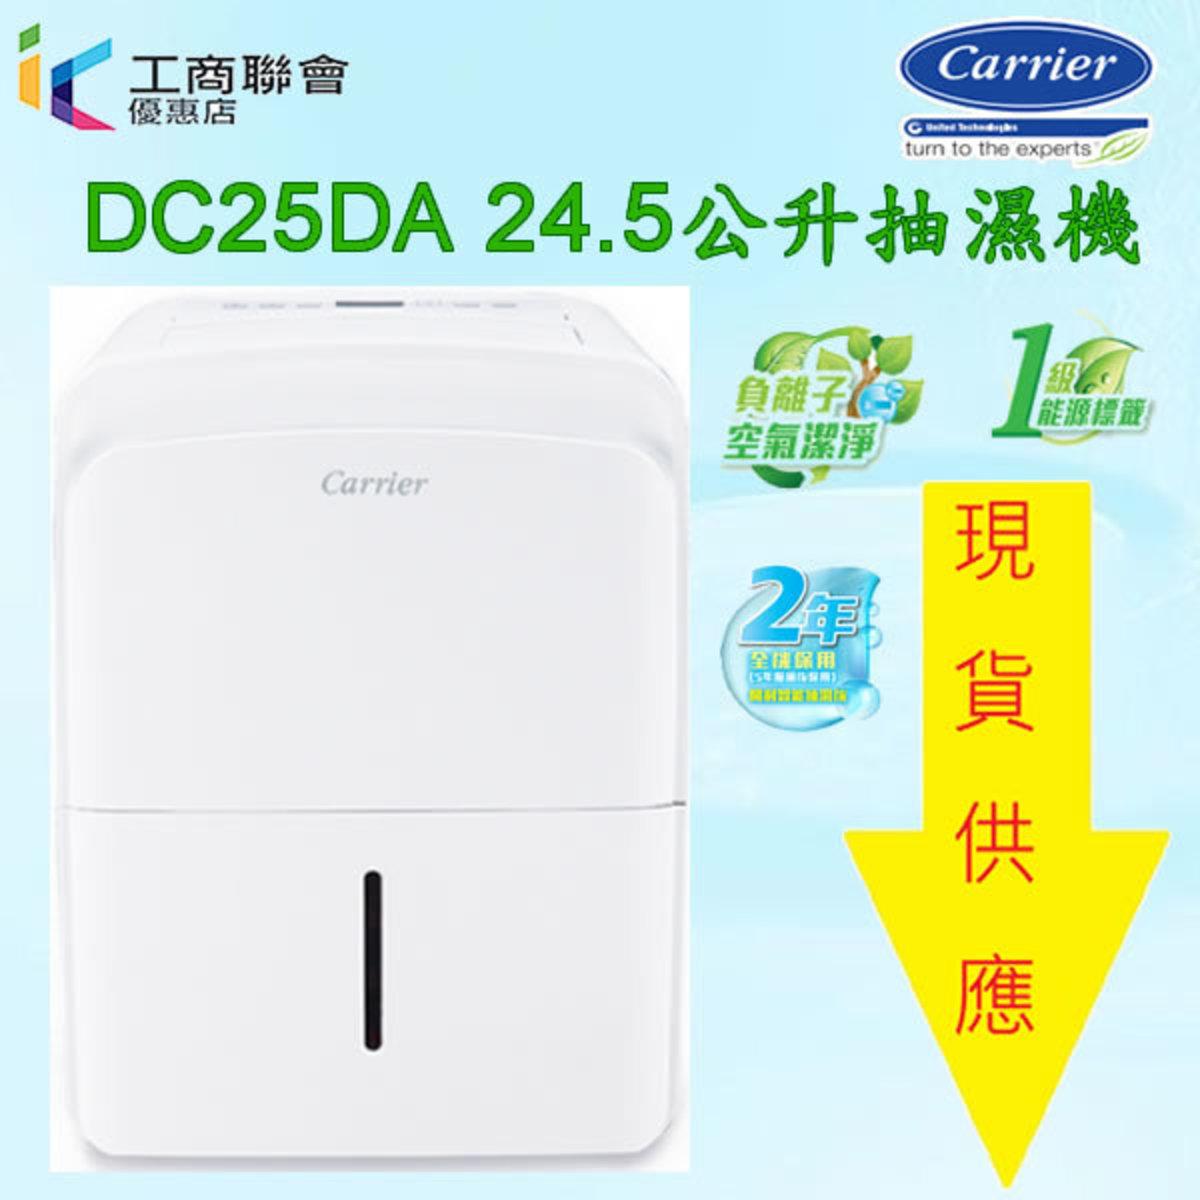 DC-25DA1 Dehumidifier (24.5L)Energy Label Grade 1